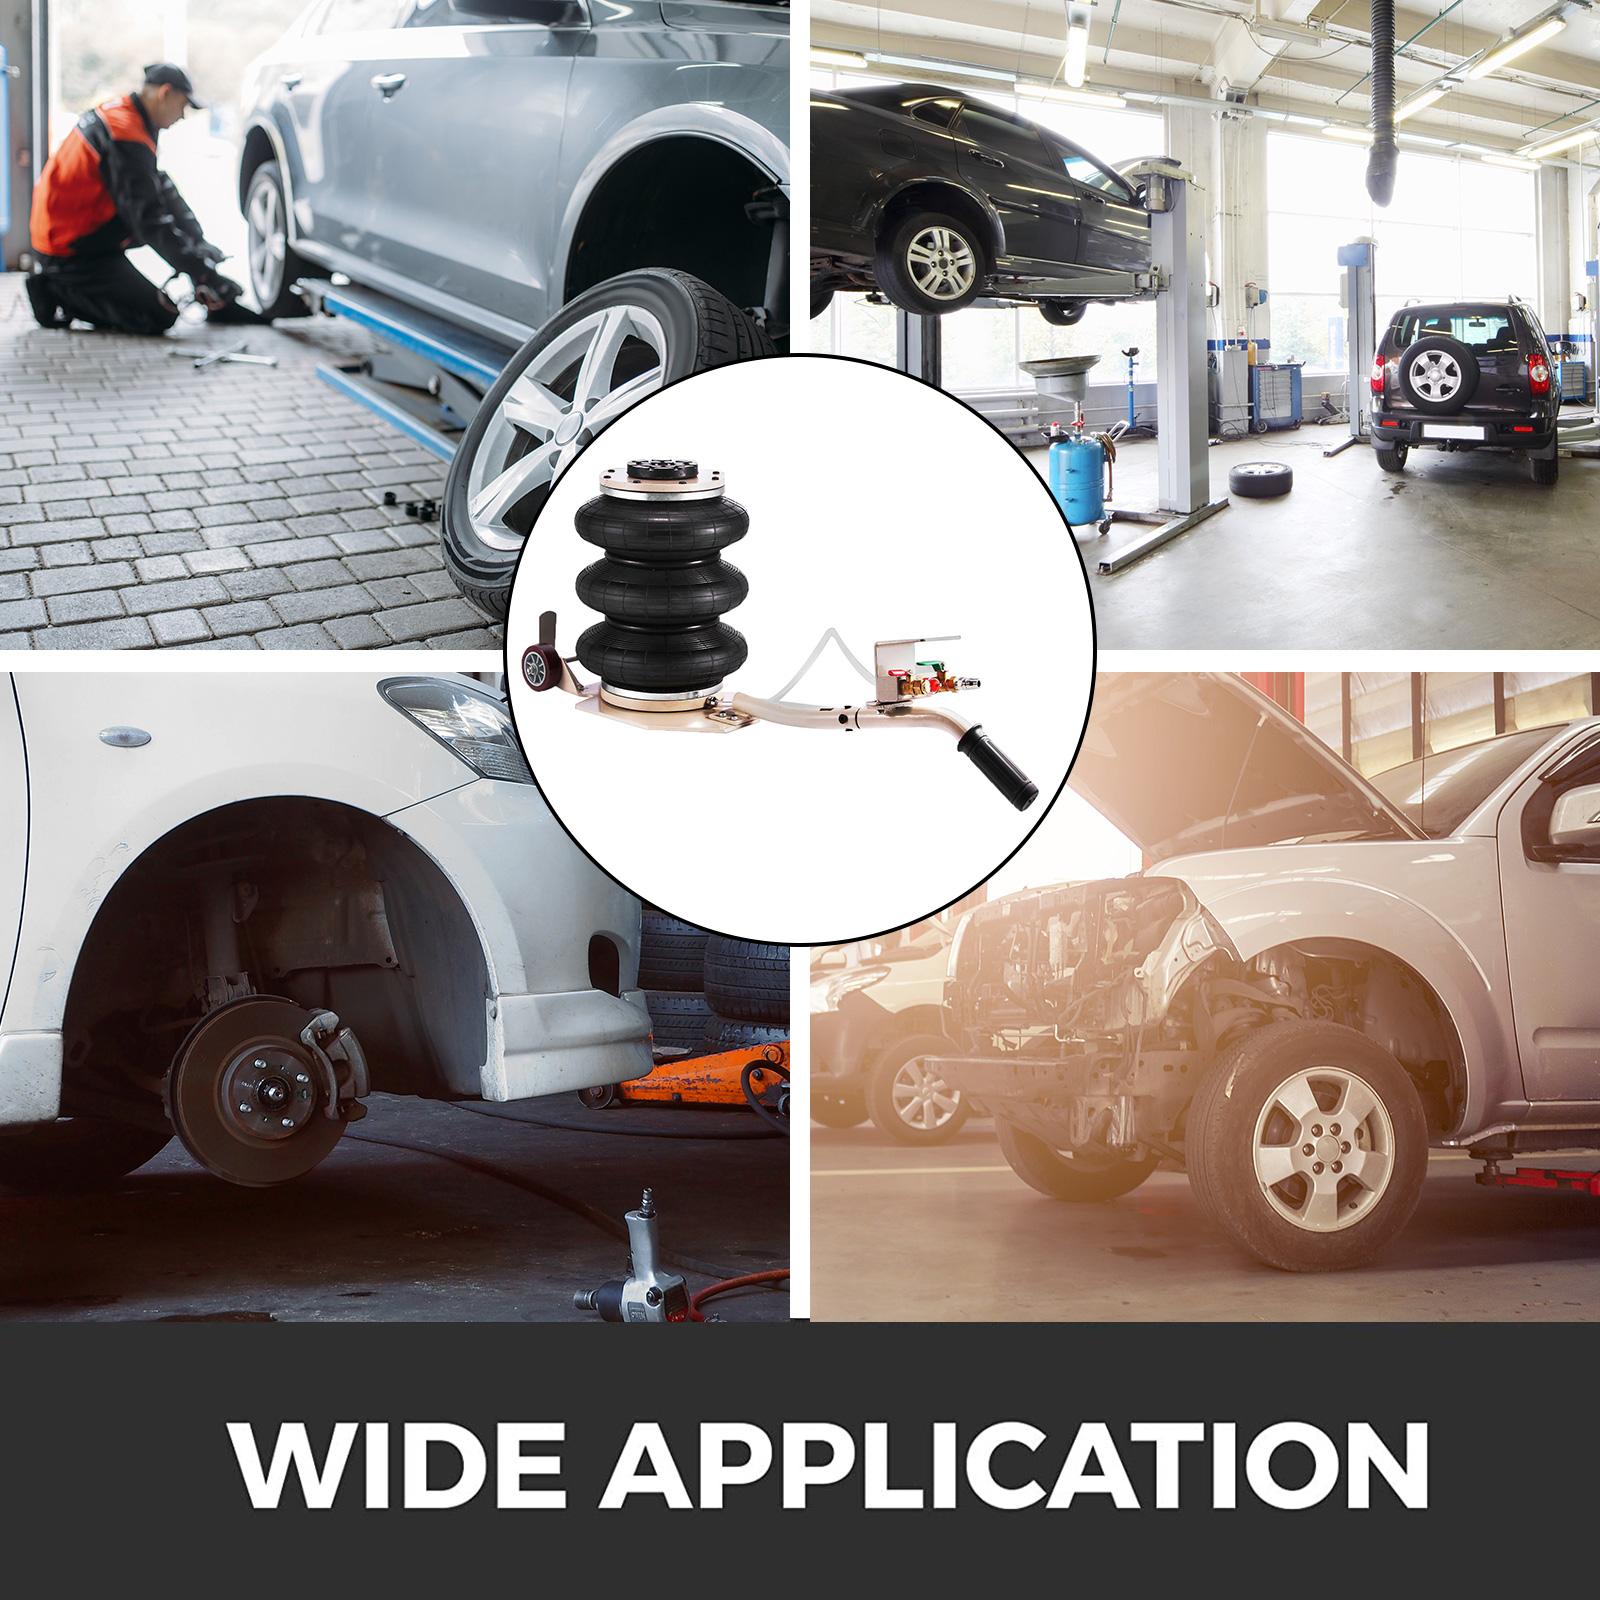 NUOVO originali VW ARIA ACCESSORI GUIDA SINISTRA 1k8121283a